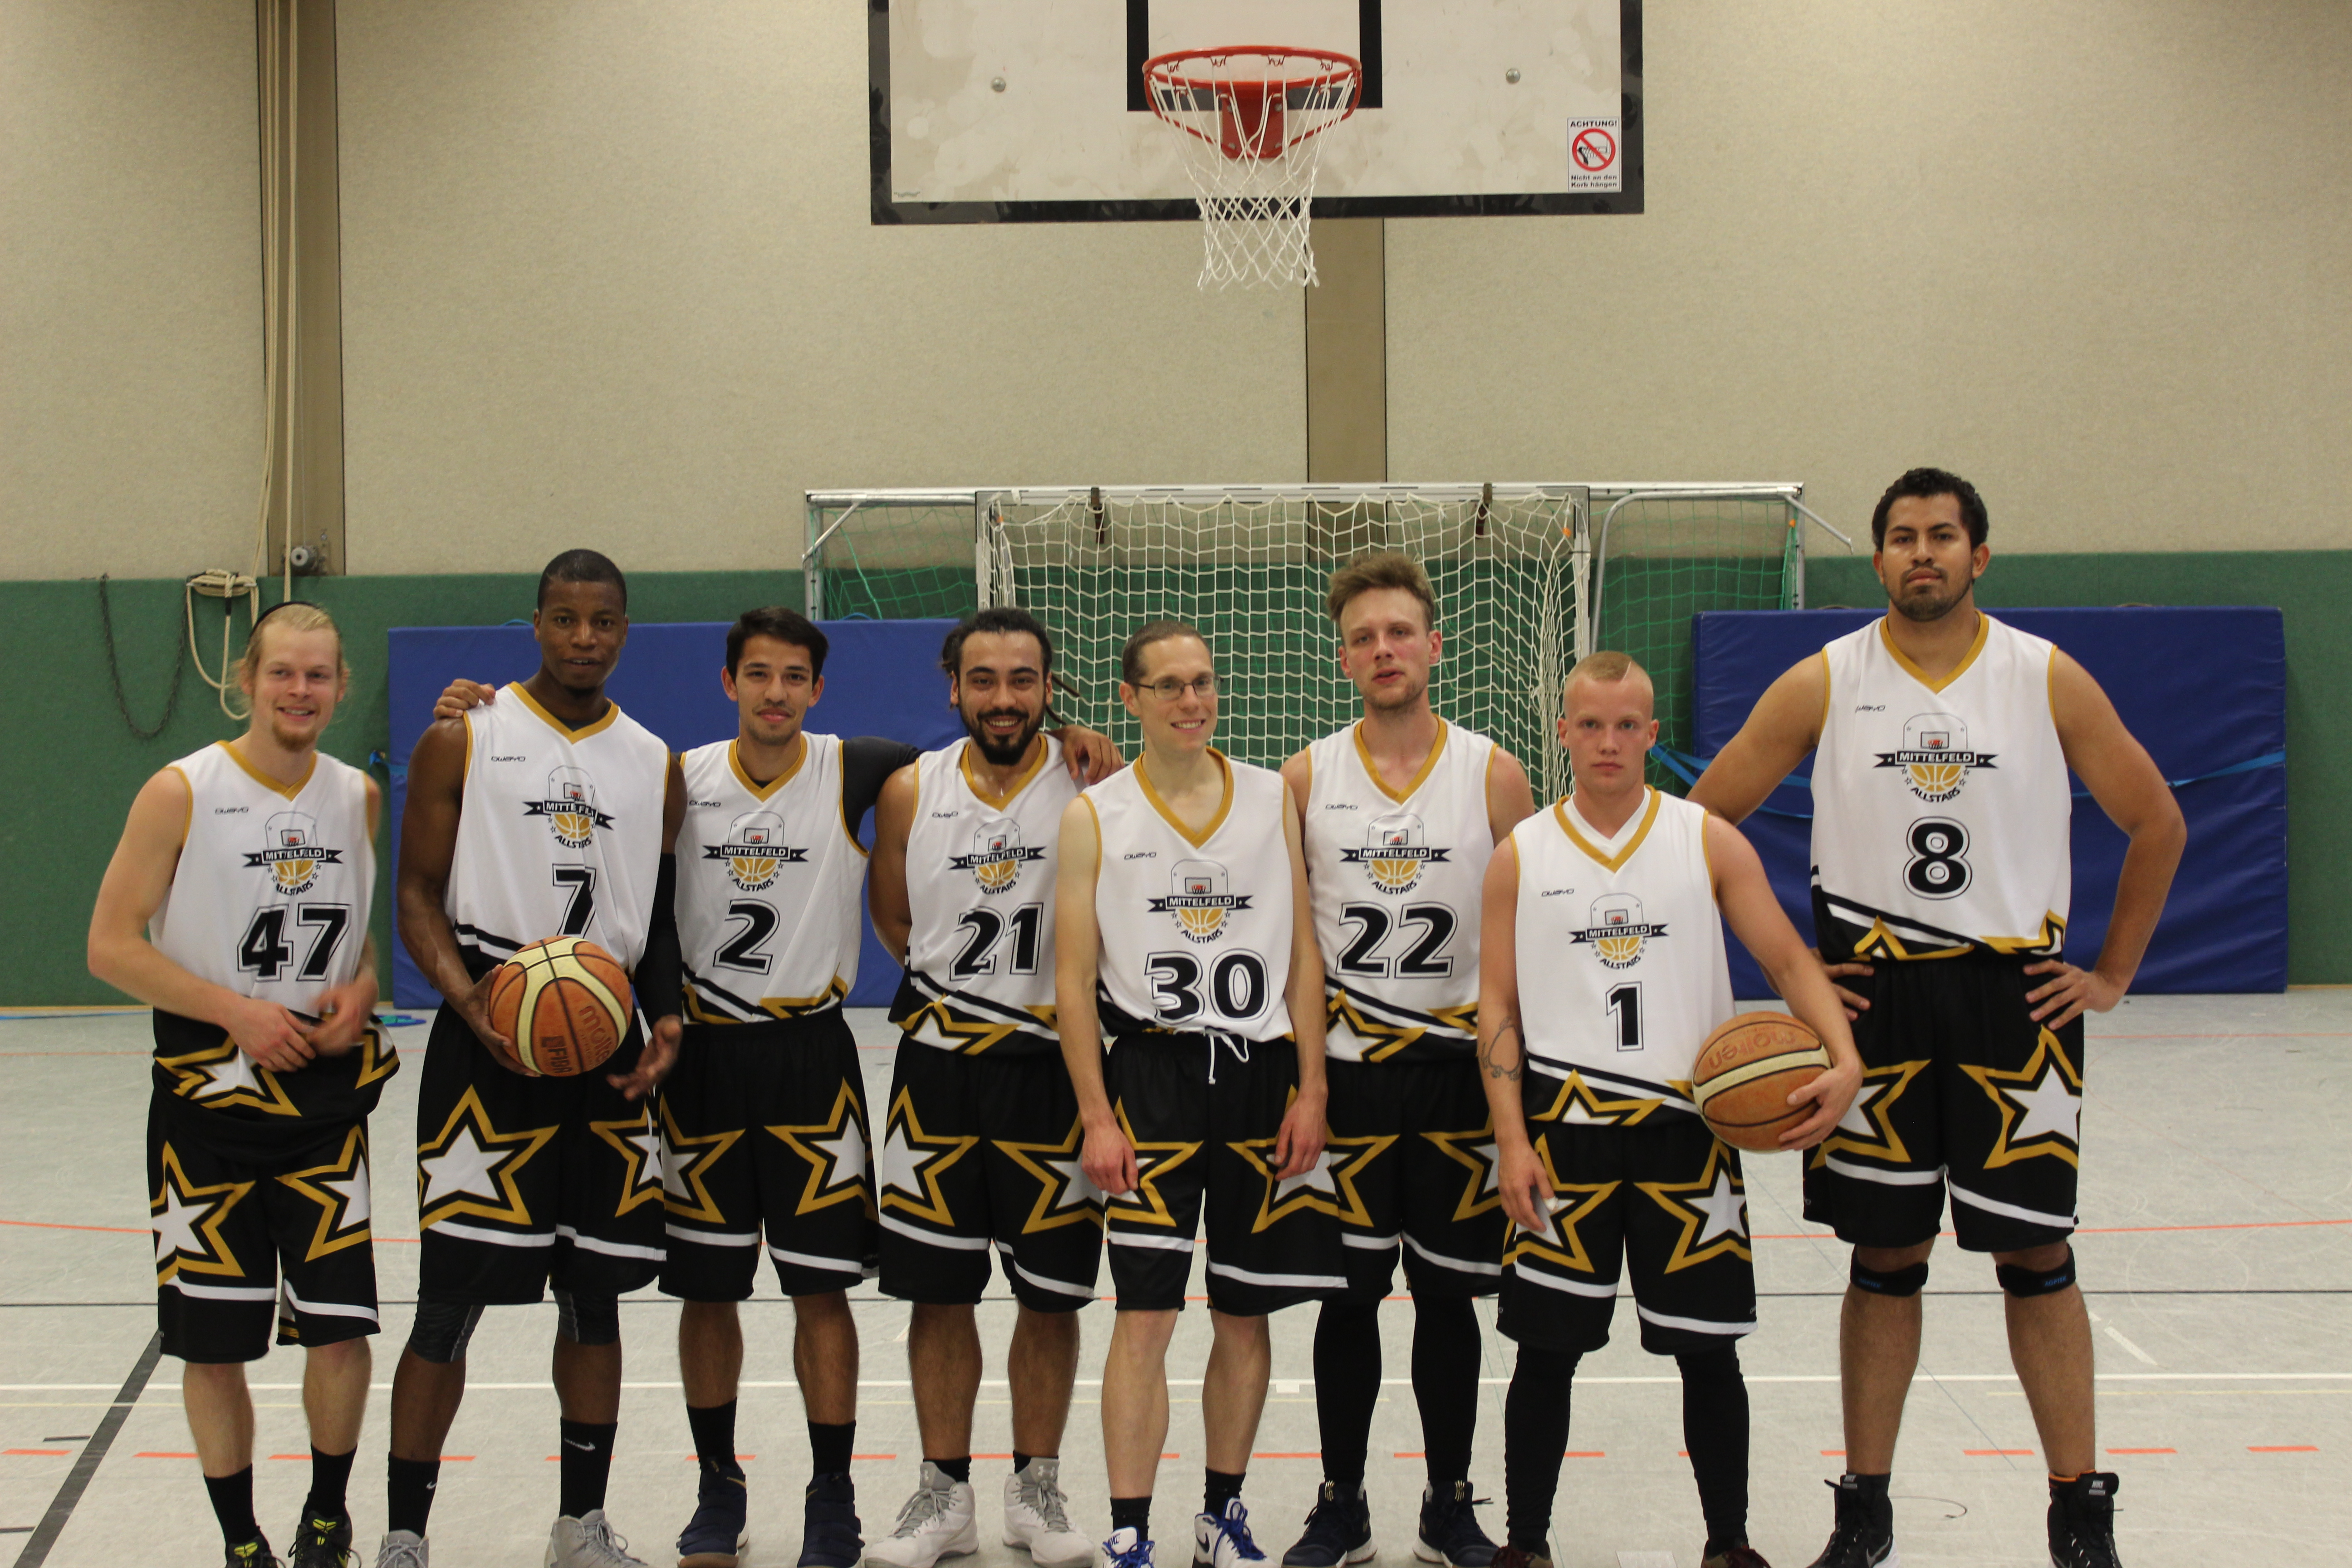 Ungewöhnlich Leiter Basketball Coaching Lebenslauf Galerie - Bilder ...